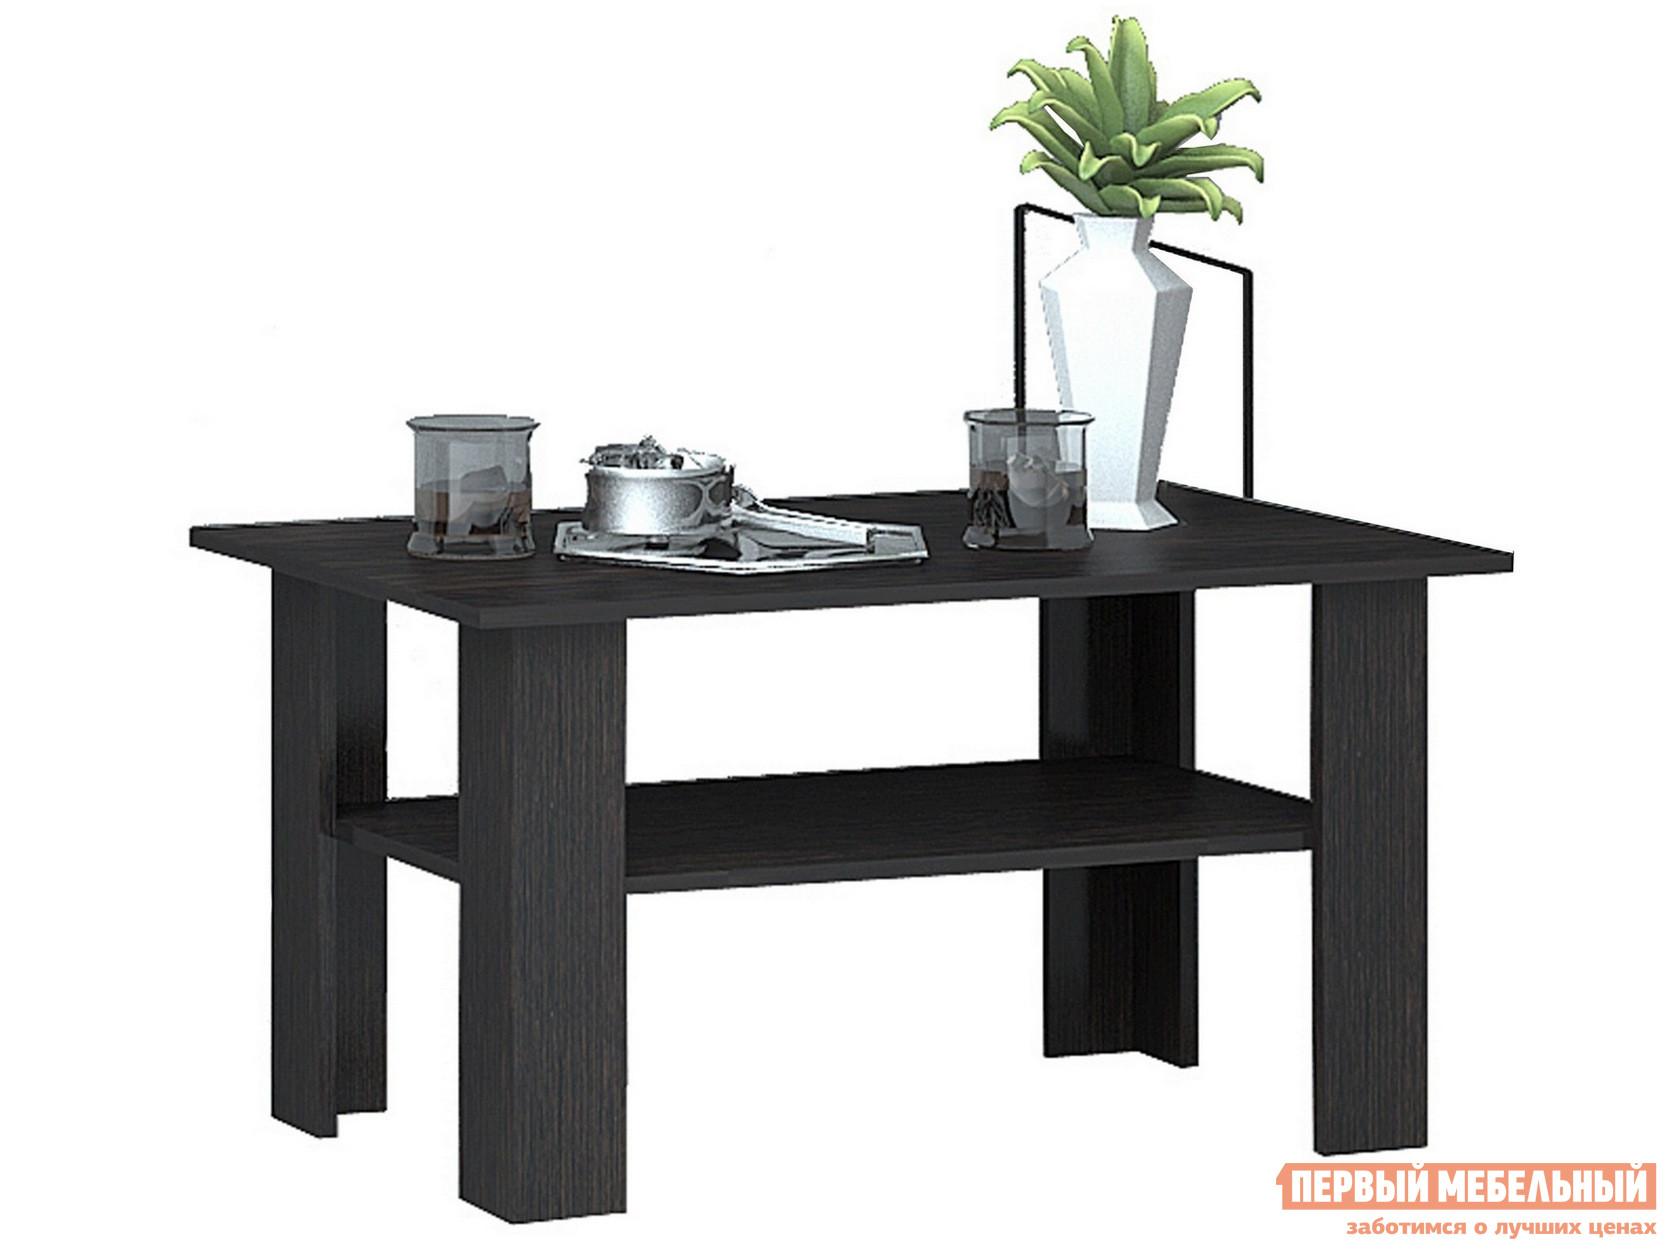 Журнальный столик НК-Мебель Абери